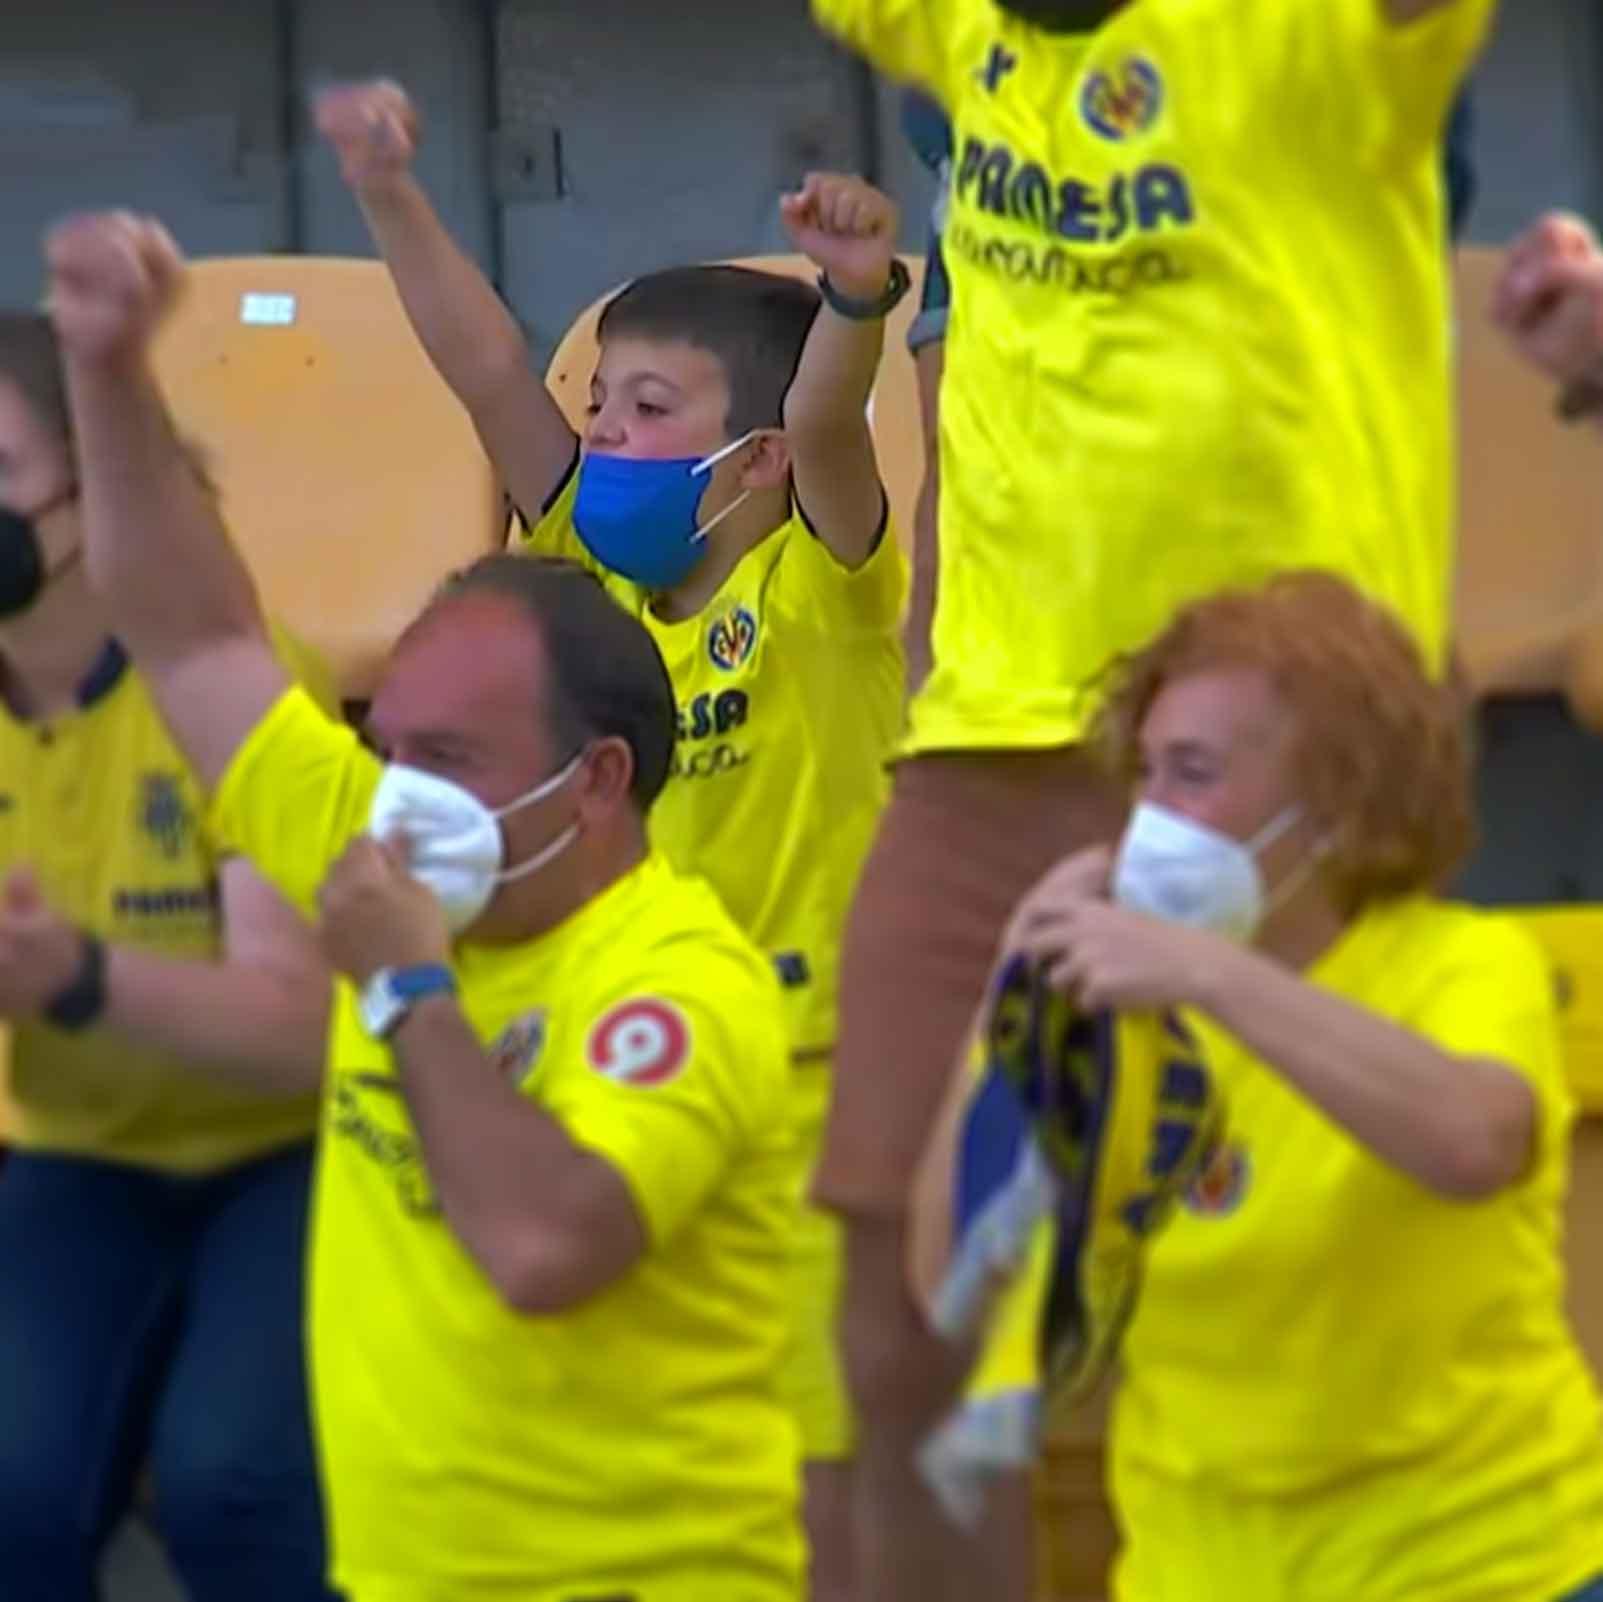 aficionados villarreal celebran gol covid-19